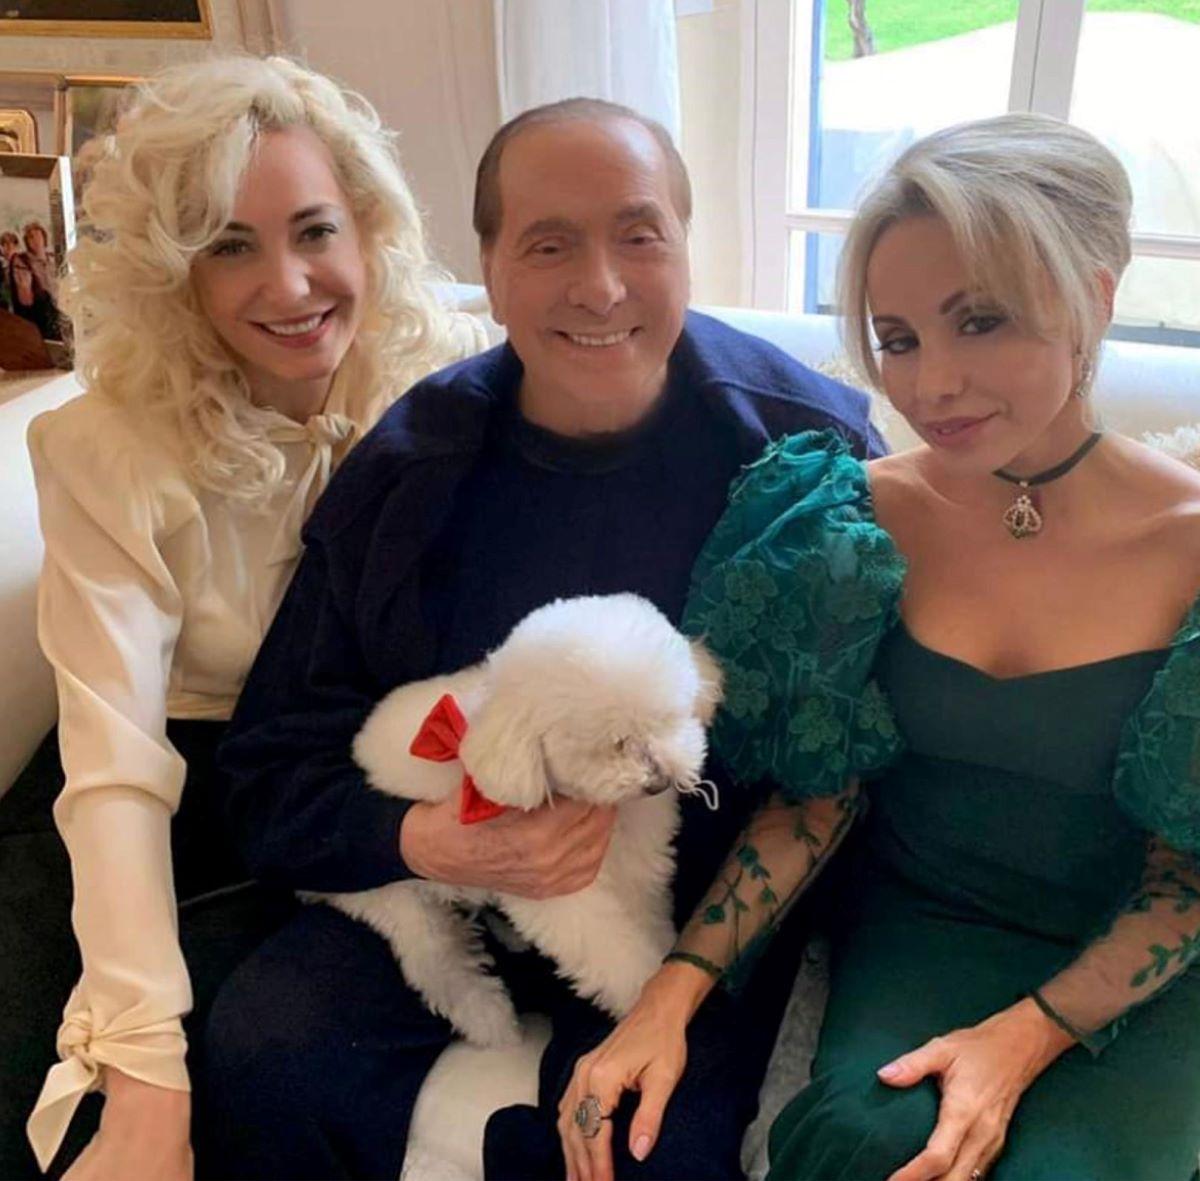 Silvio Berlusconi Preoccupazione Condizioni Salute Foto Letto Irriconoscibile Marta Fascina